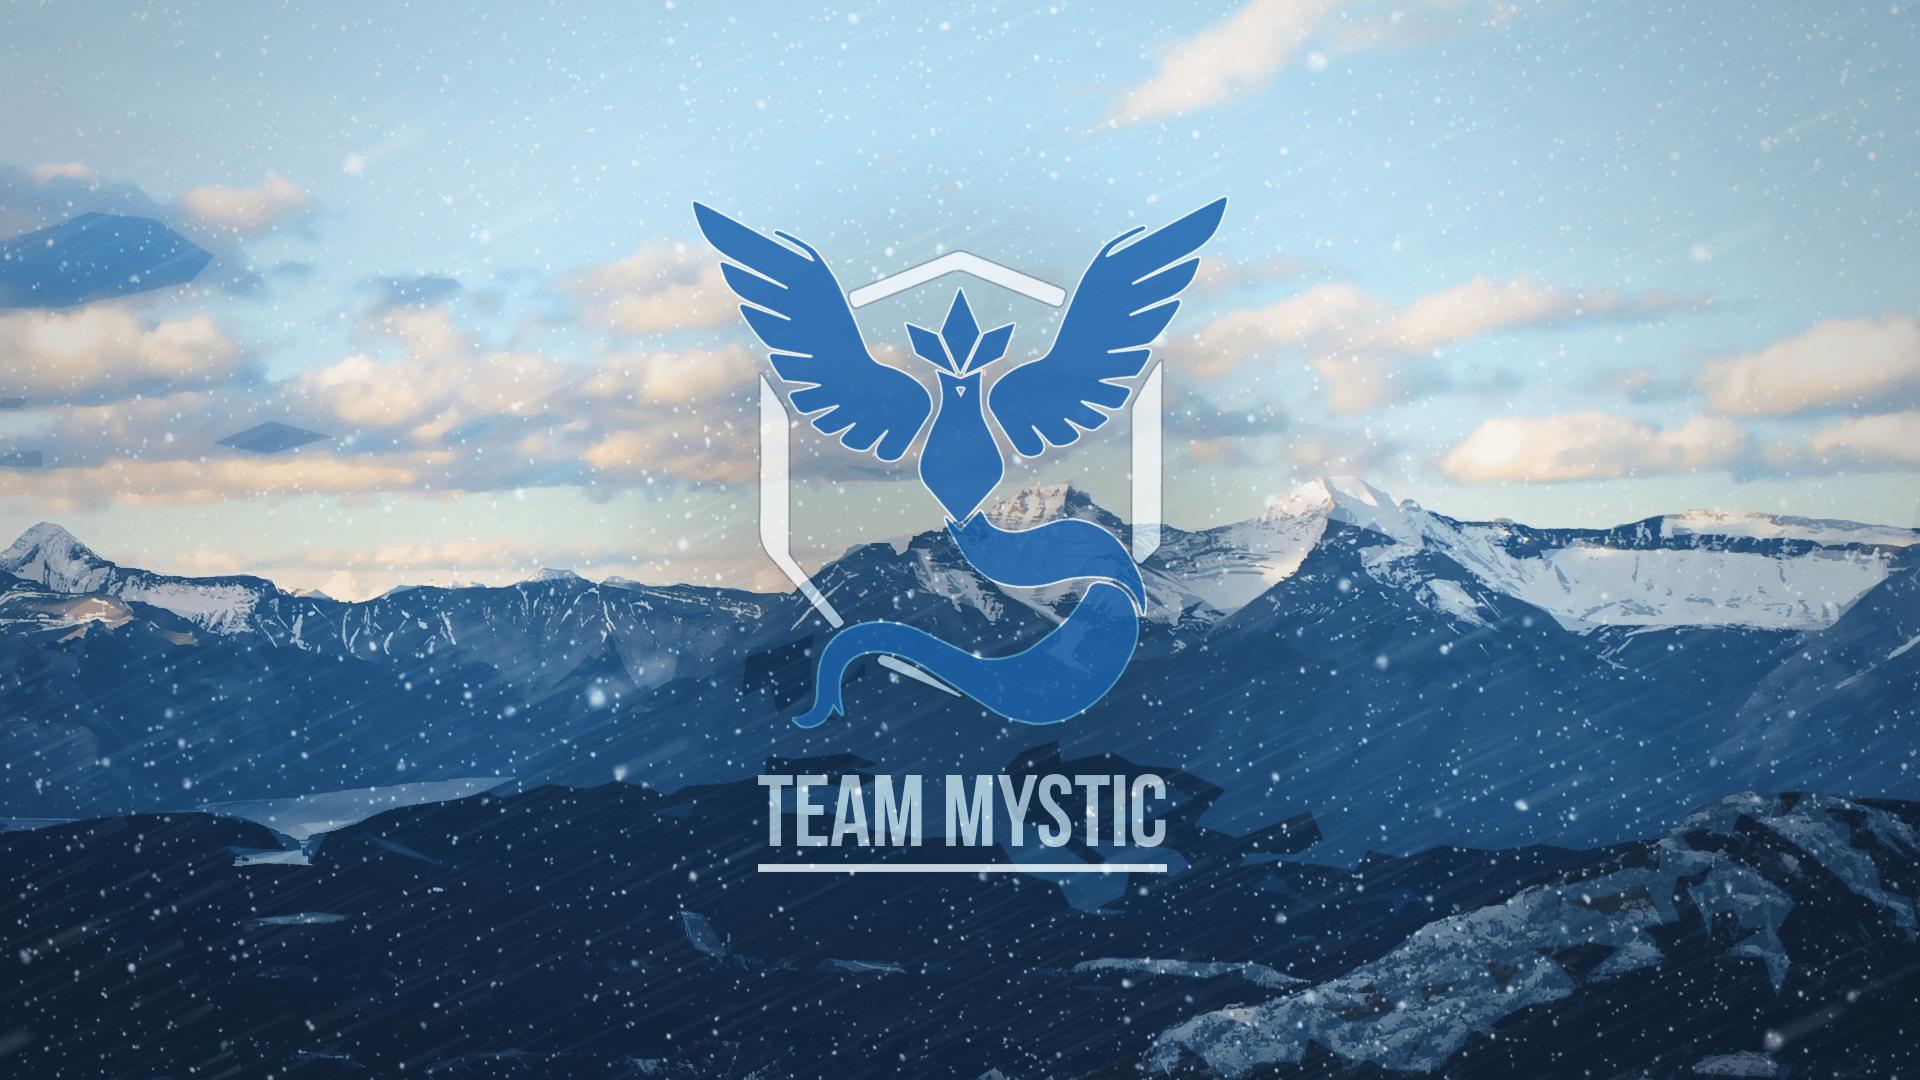 mystic hd desktop wallpaper - photo #27